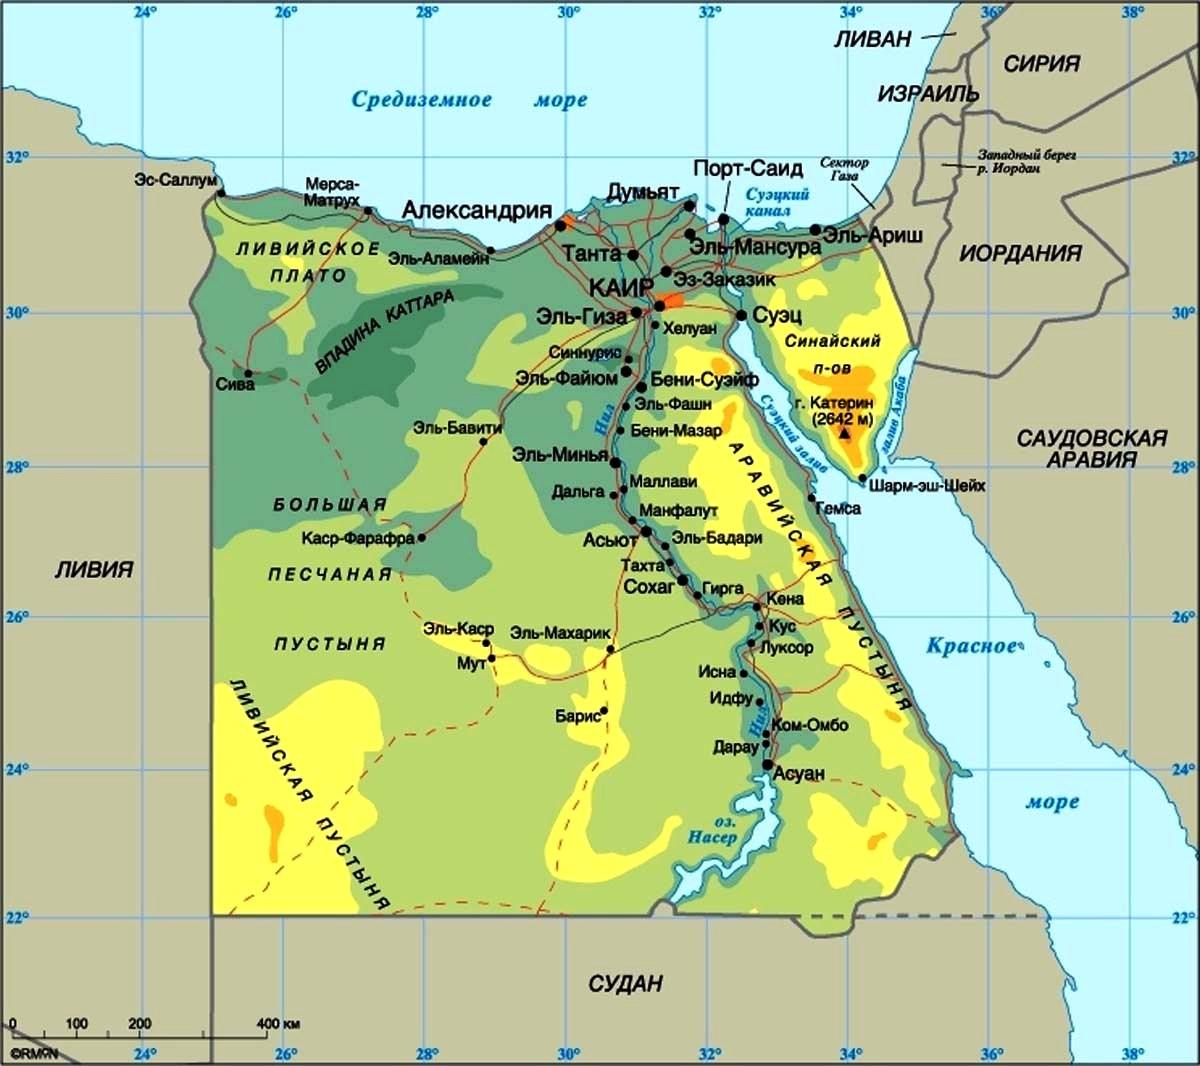 Если посмотреть на карту Египта, то можно увидеть, что вся курортная